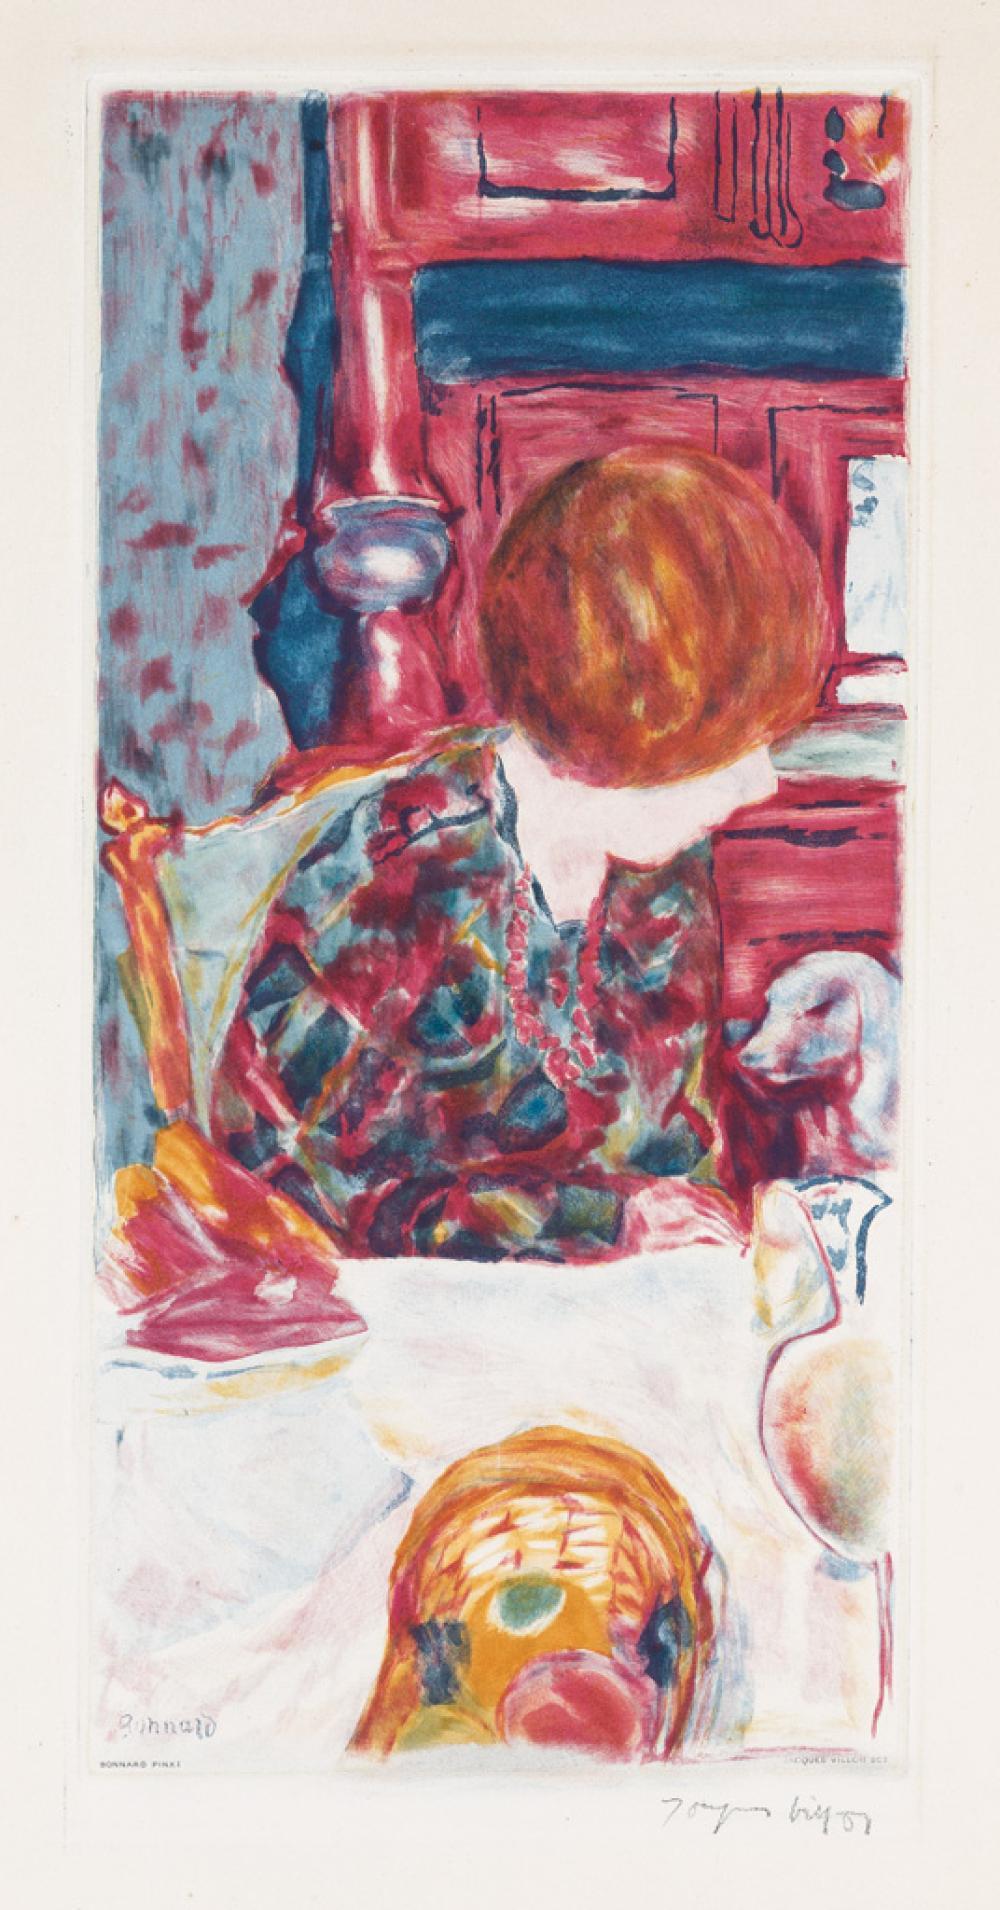 PIERRE BONNARD (after) La Femme au Chien